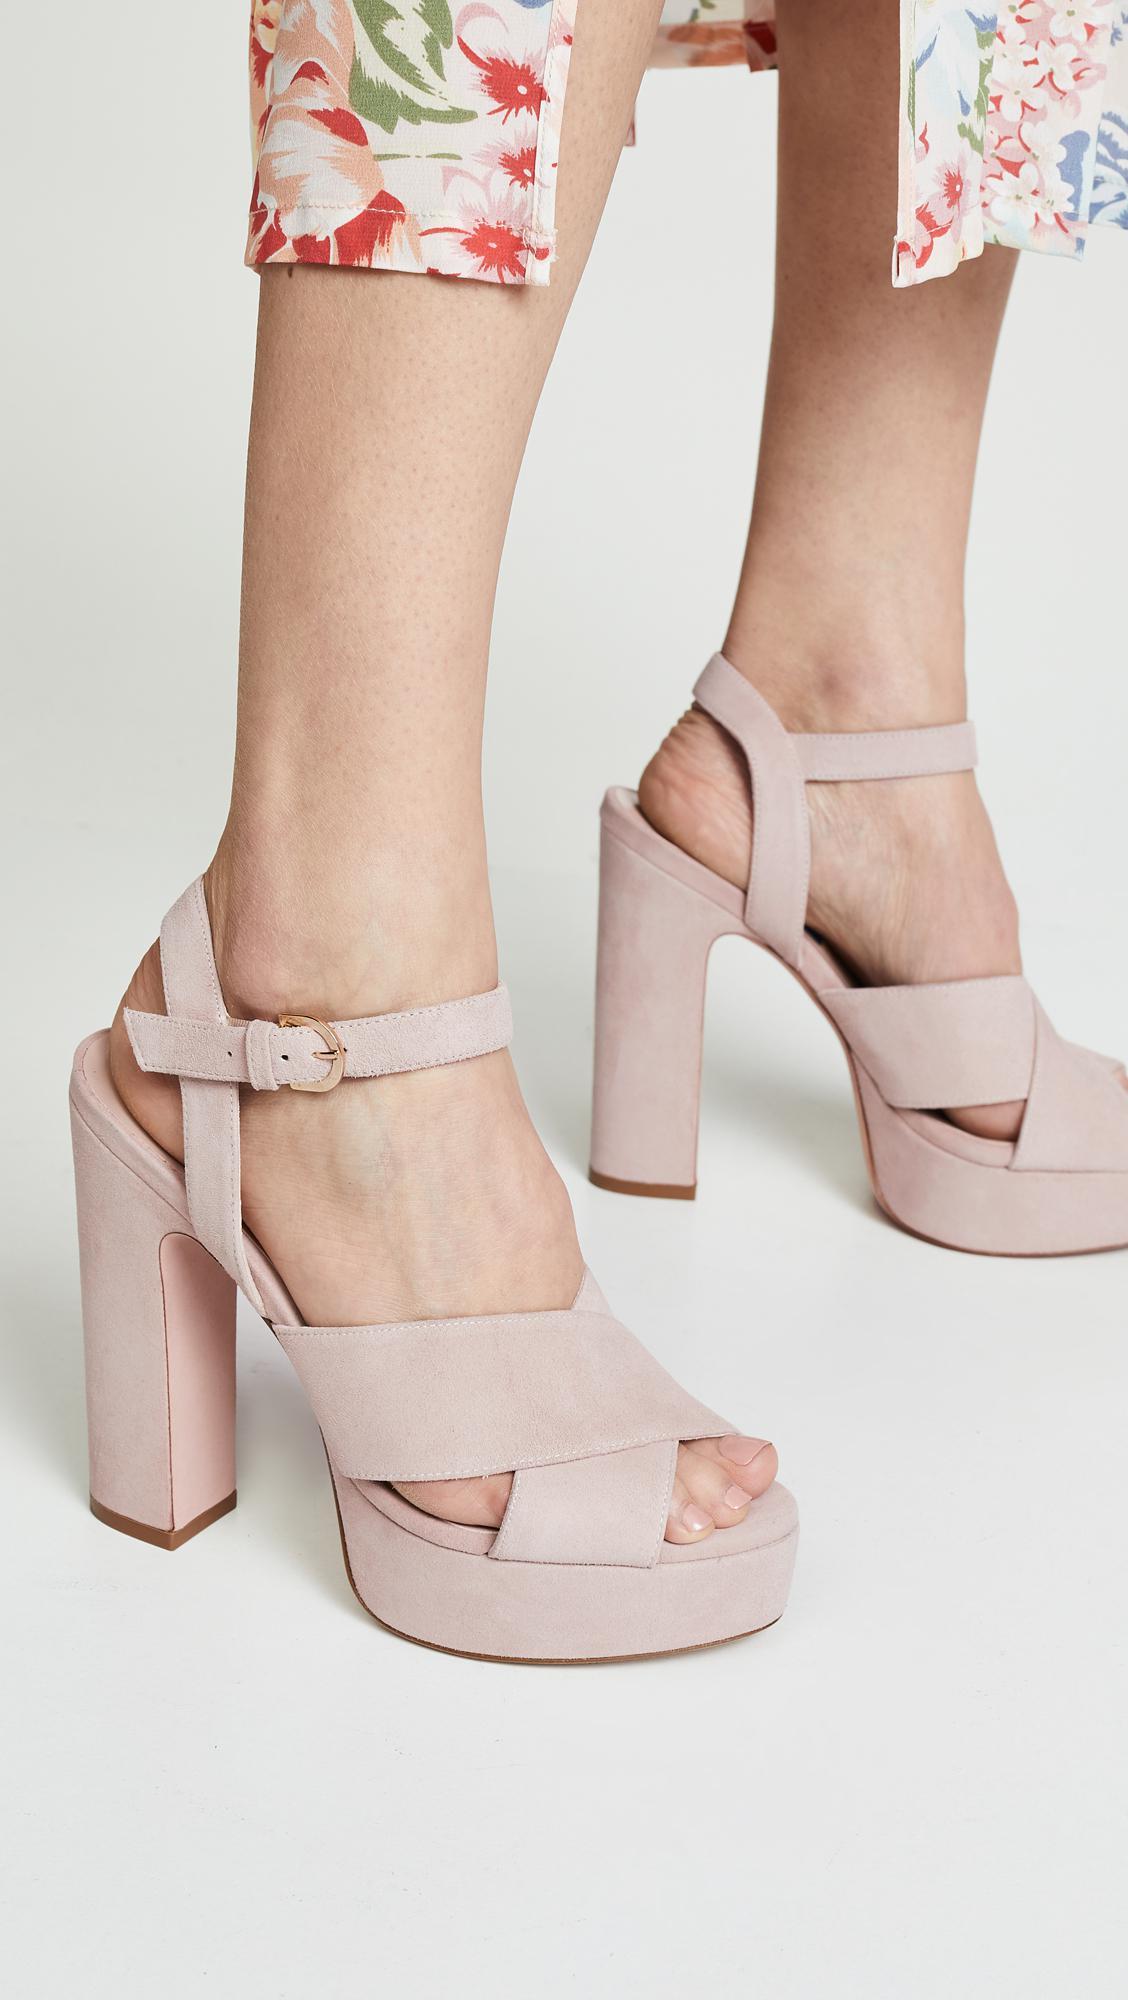 262522b9da69 Stuart Weitzman - Pink Joni Platform Sandals - Lyst. View fullscreen